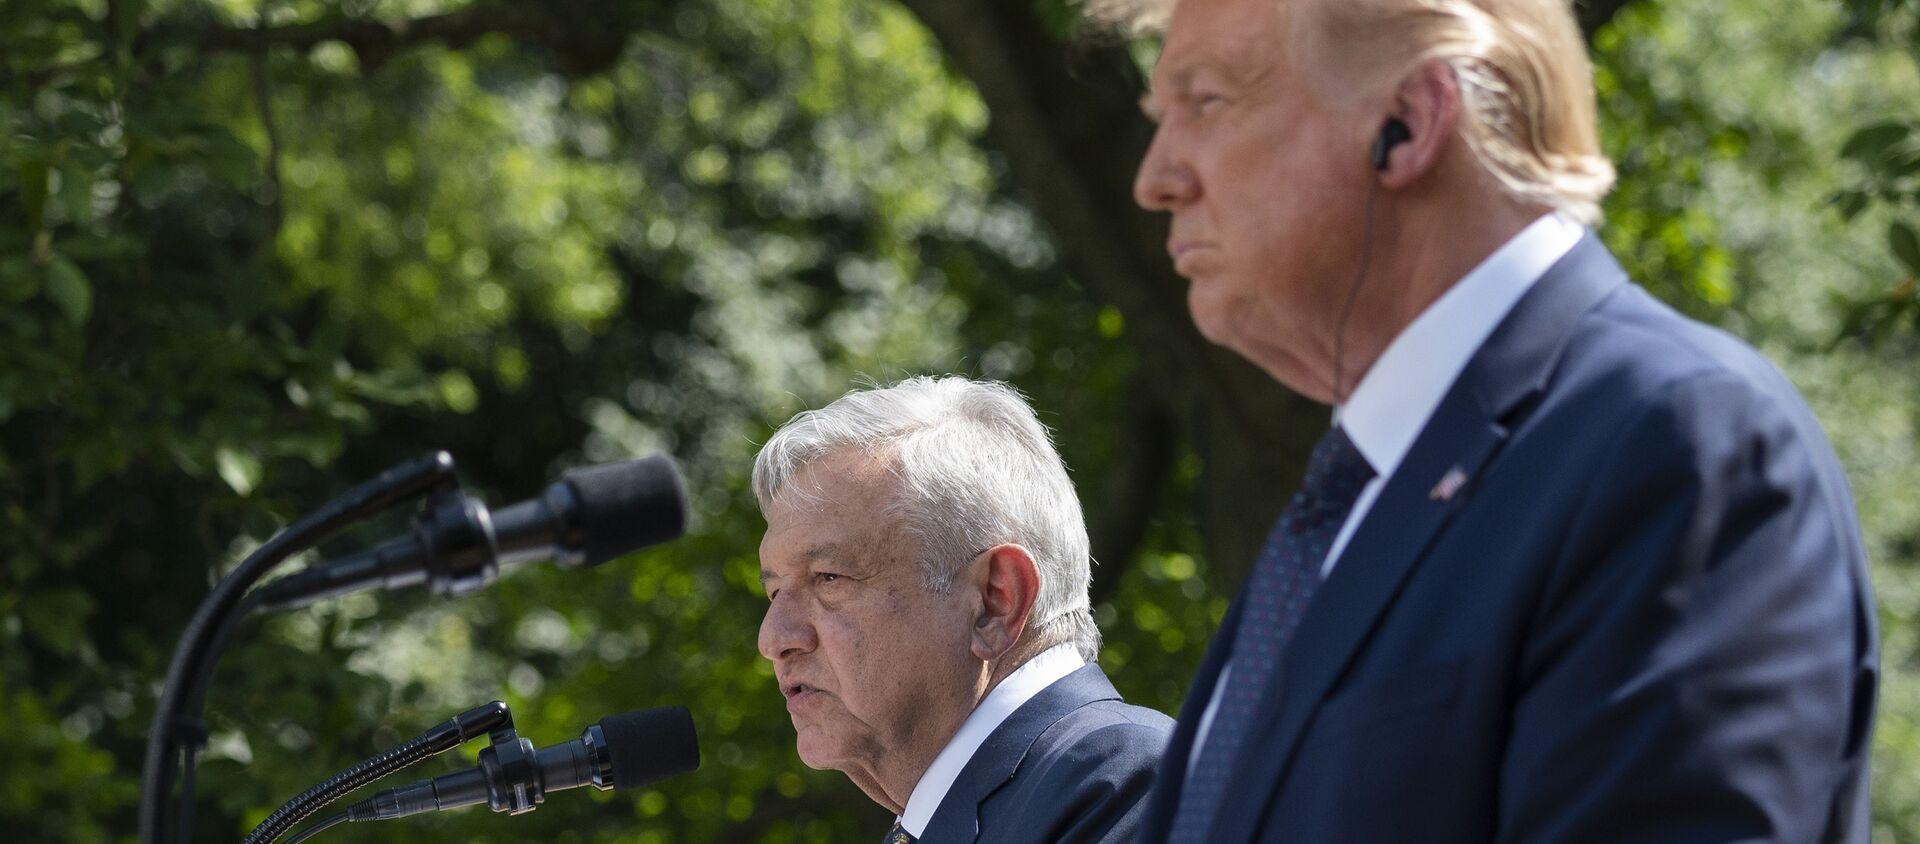 Donald Trump et son homologue mexicain Andrès Manuel López Obrador à la Maison-Blanche, 8 juillet 2020 - Sputnik France, 1920, 09.07.2020